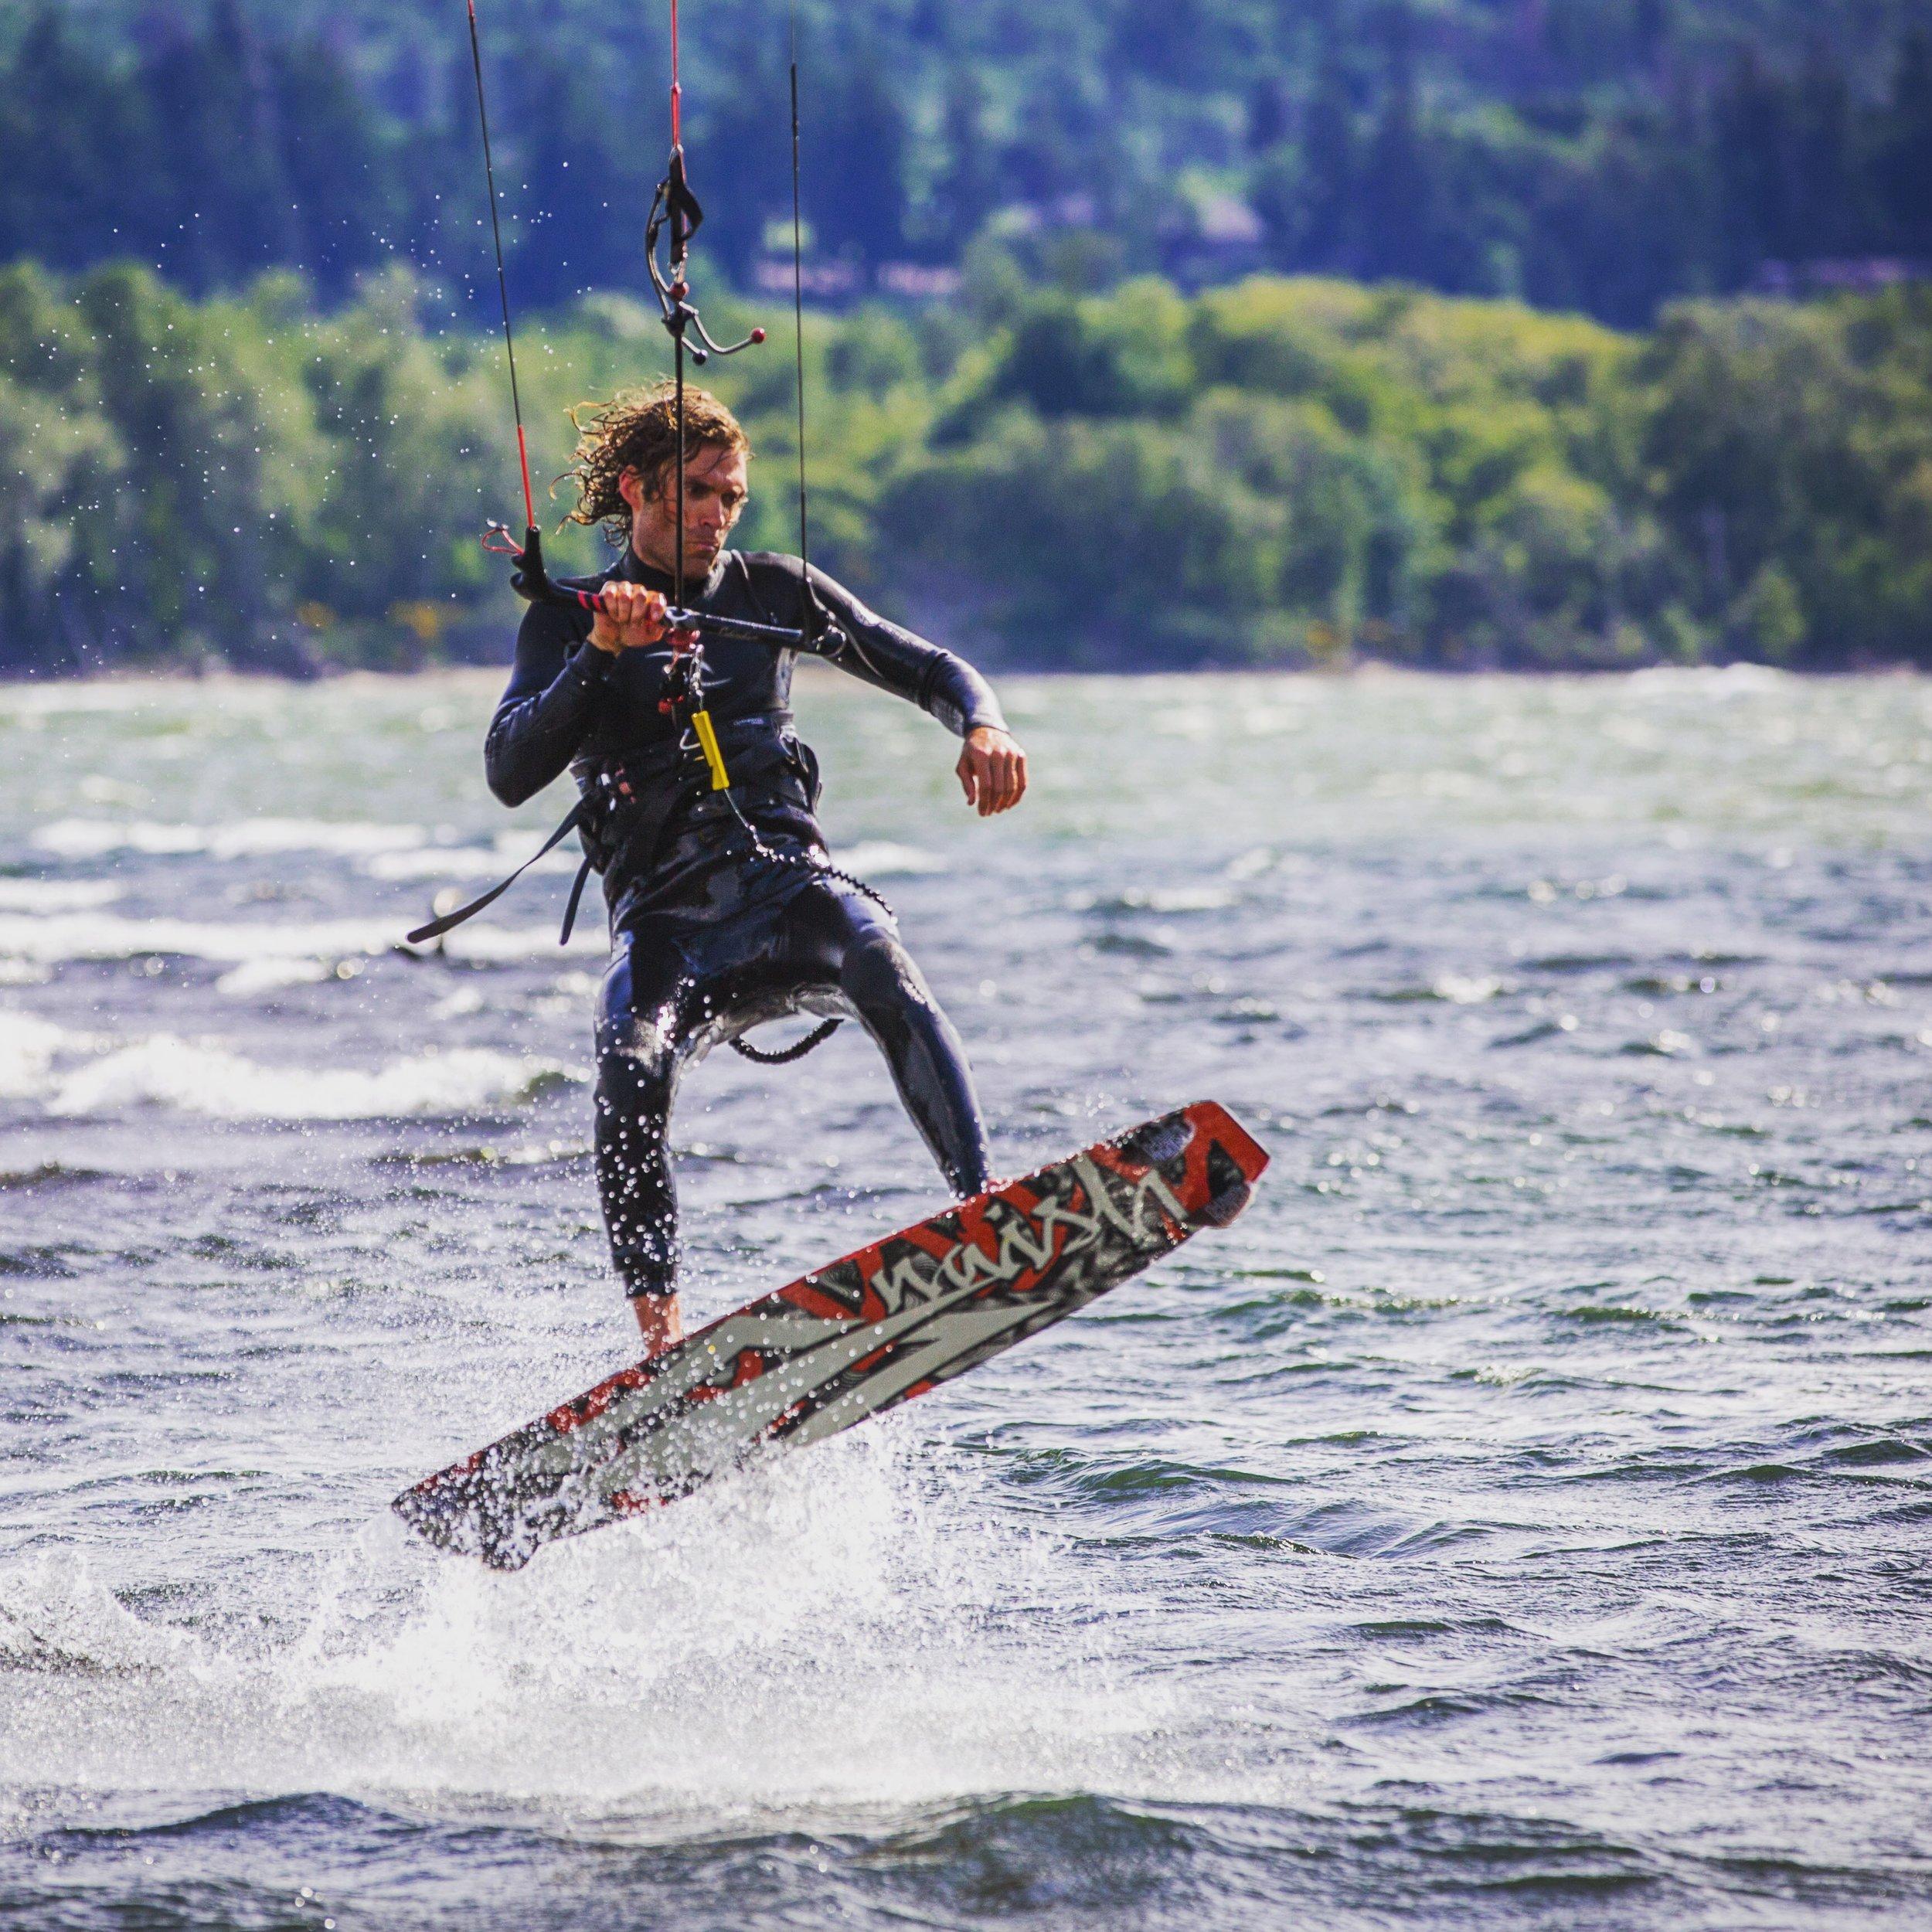 Bedrock Film Works - Kite Boarding